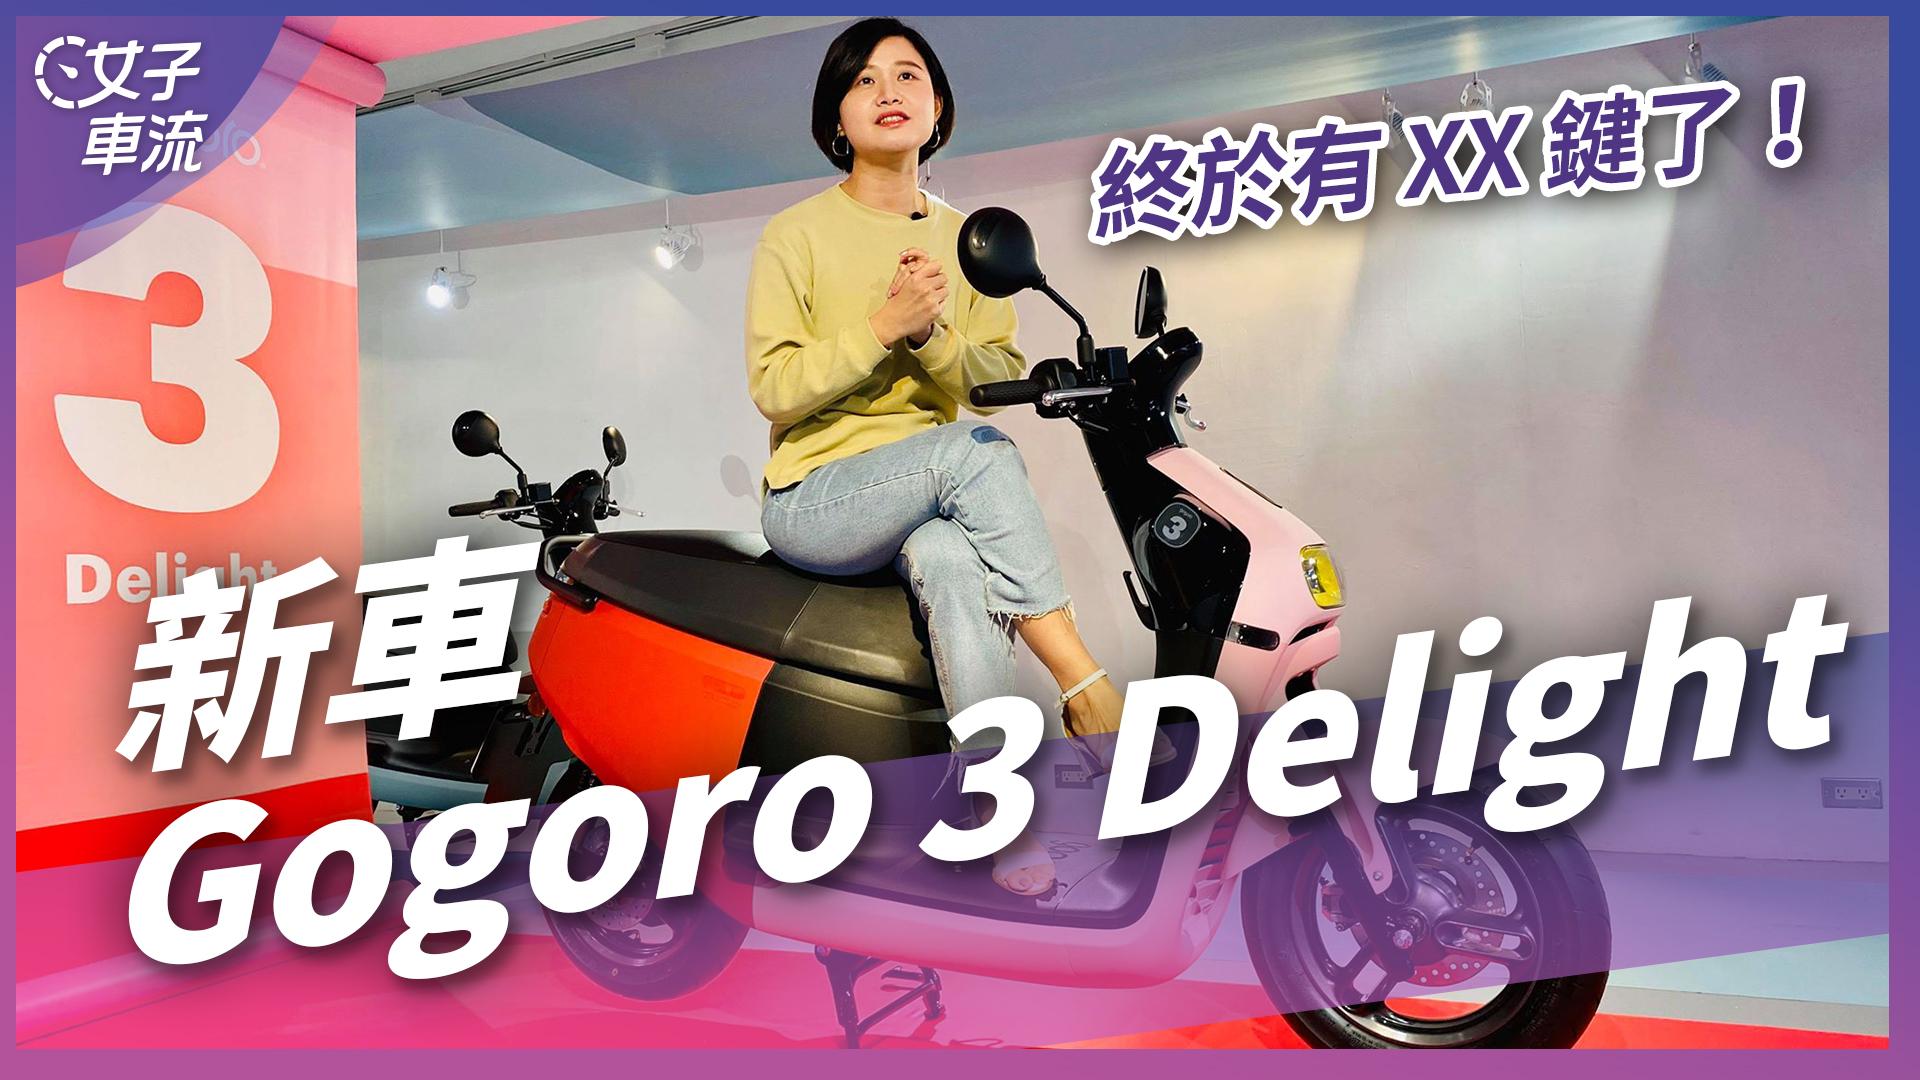 Gogoro 3 Delight 新車繽紛登場!漸層三色的美感電動車 終於可以自動倒車啦